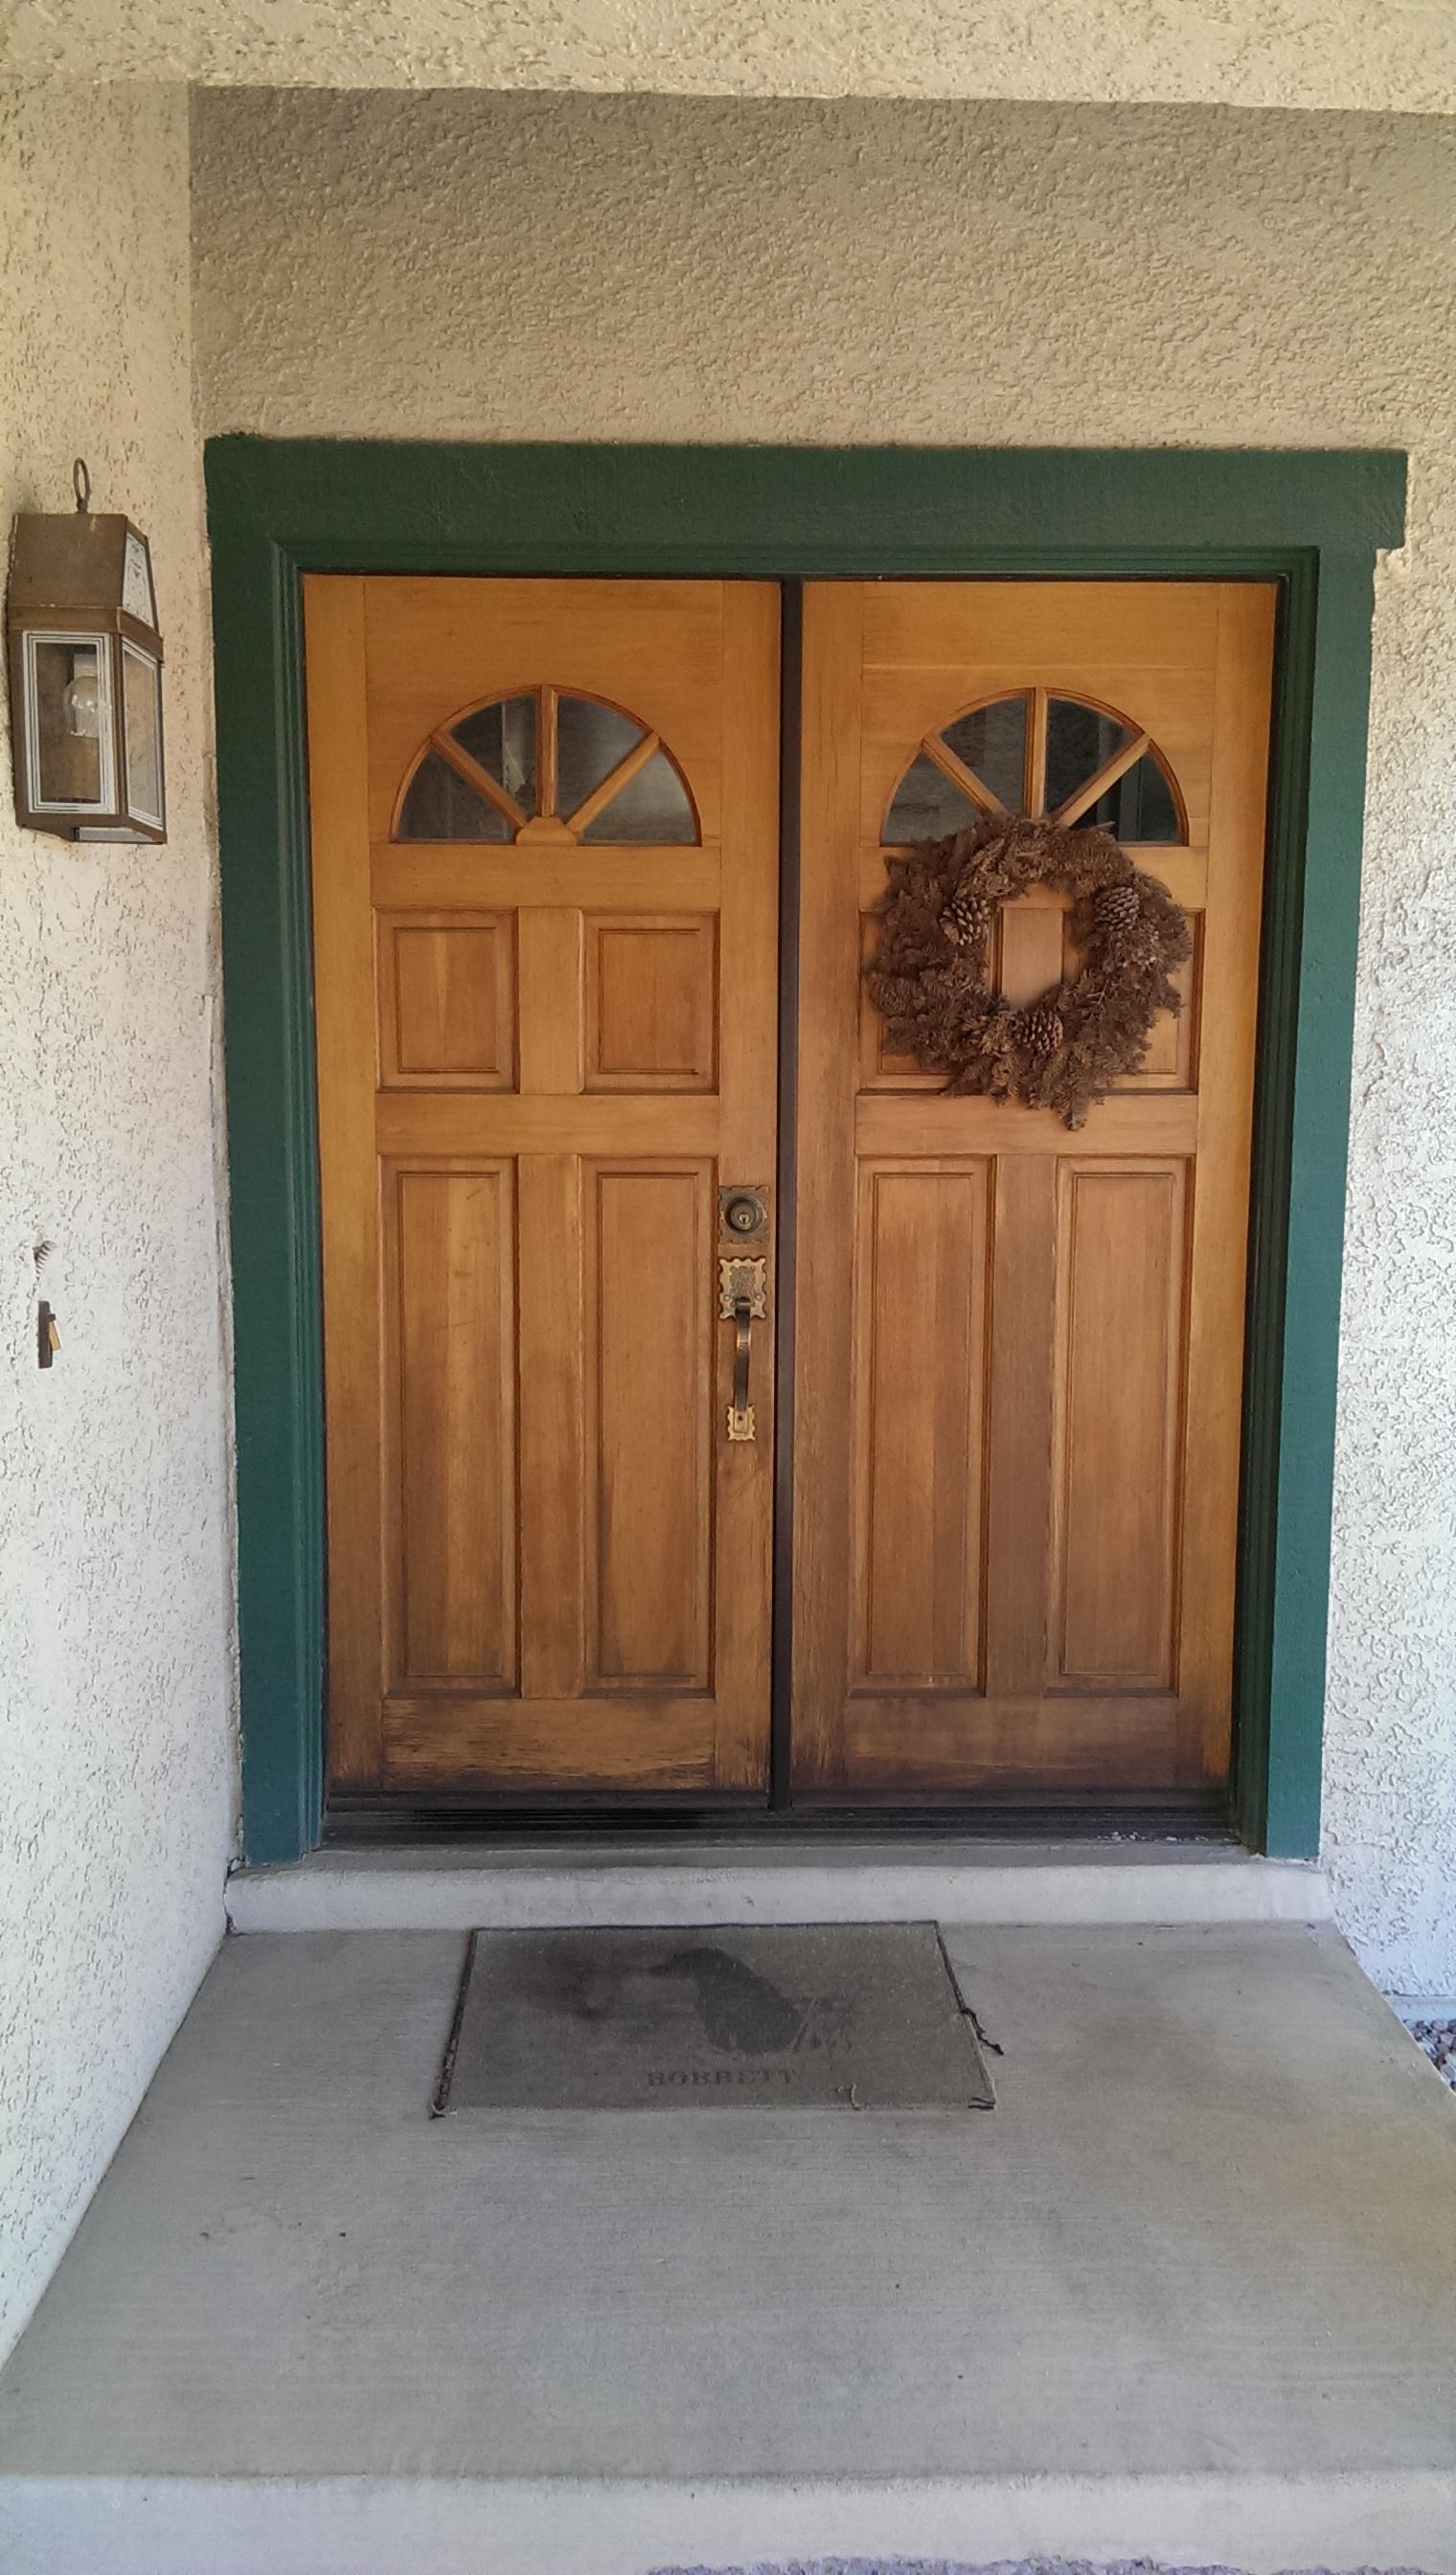 Bobbett Residence Entry Door Nesco Construction